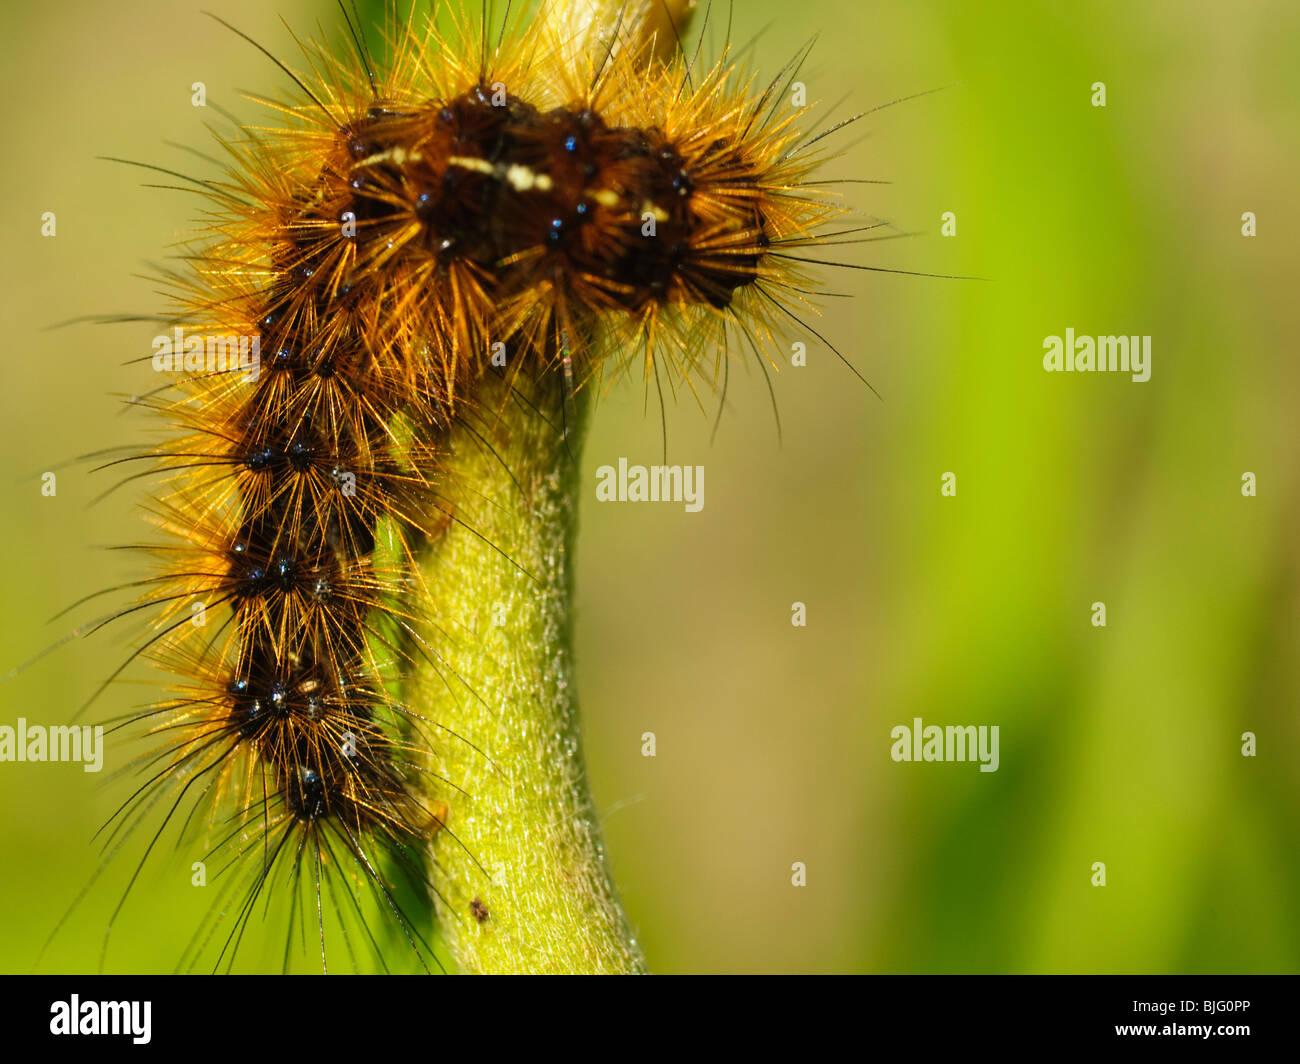 perto de uma mamangaba caterpillar foto imagem de stock 28626046